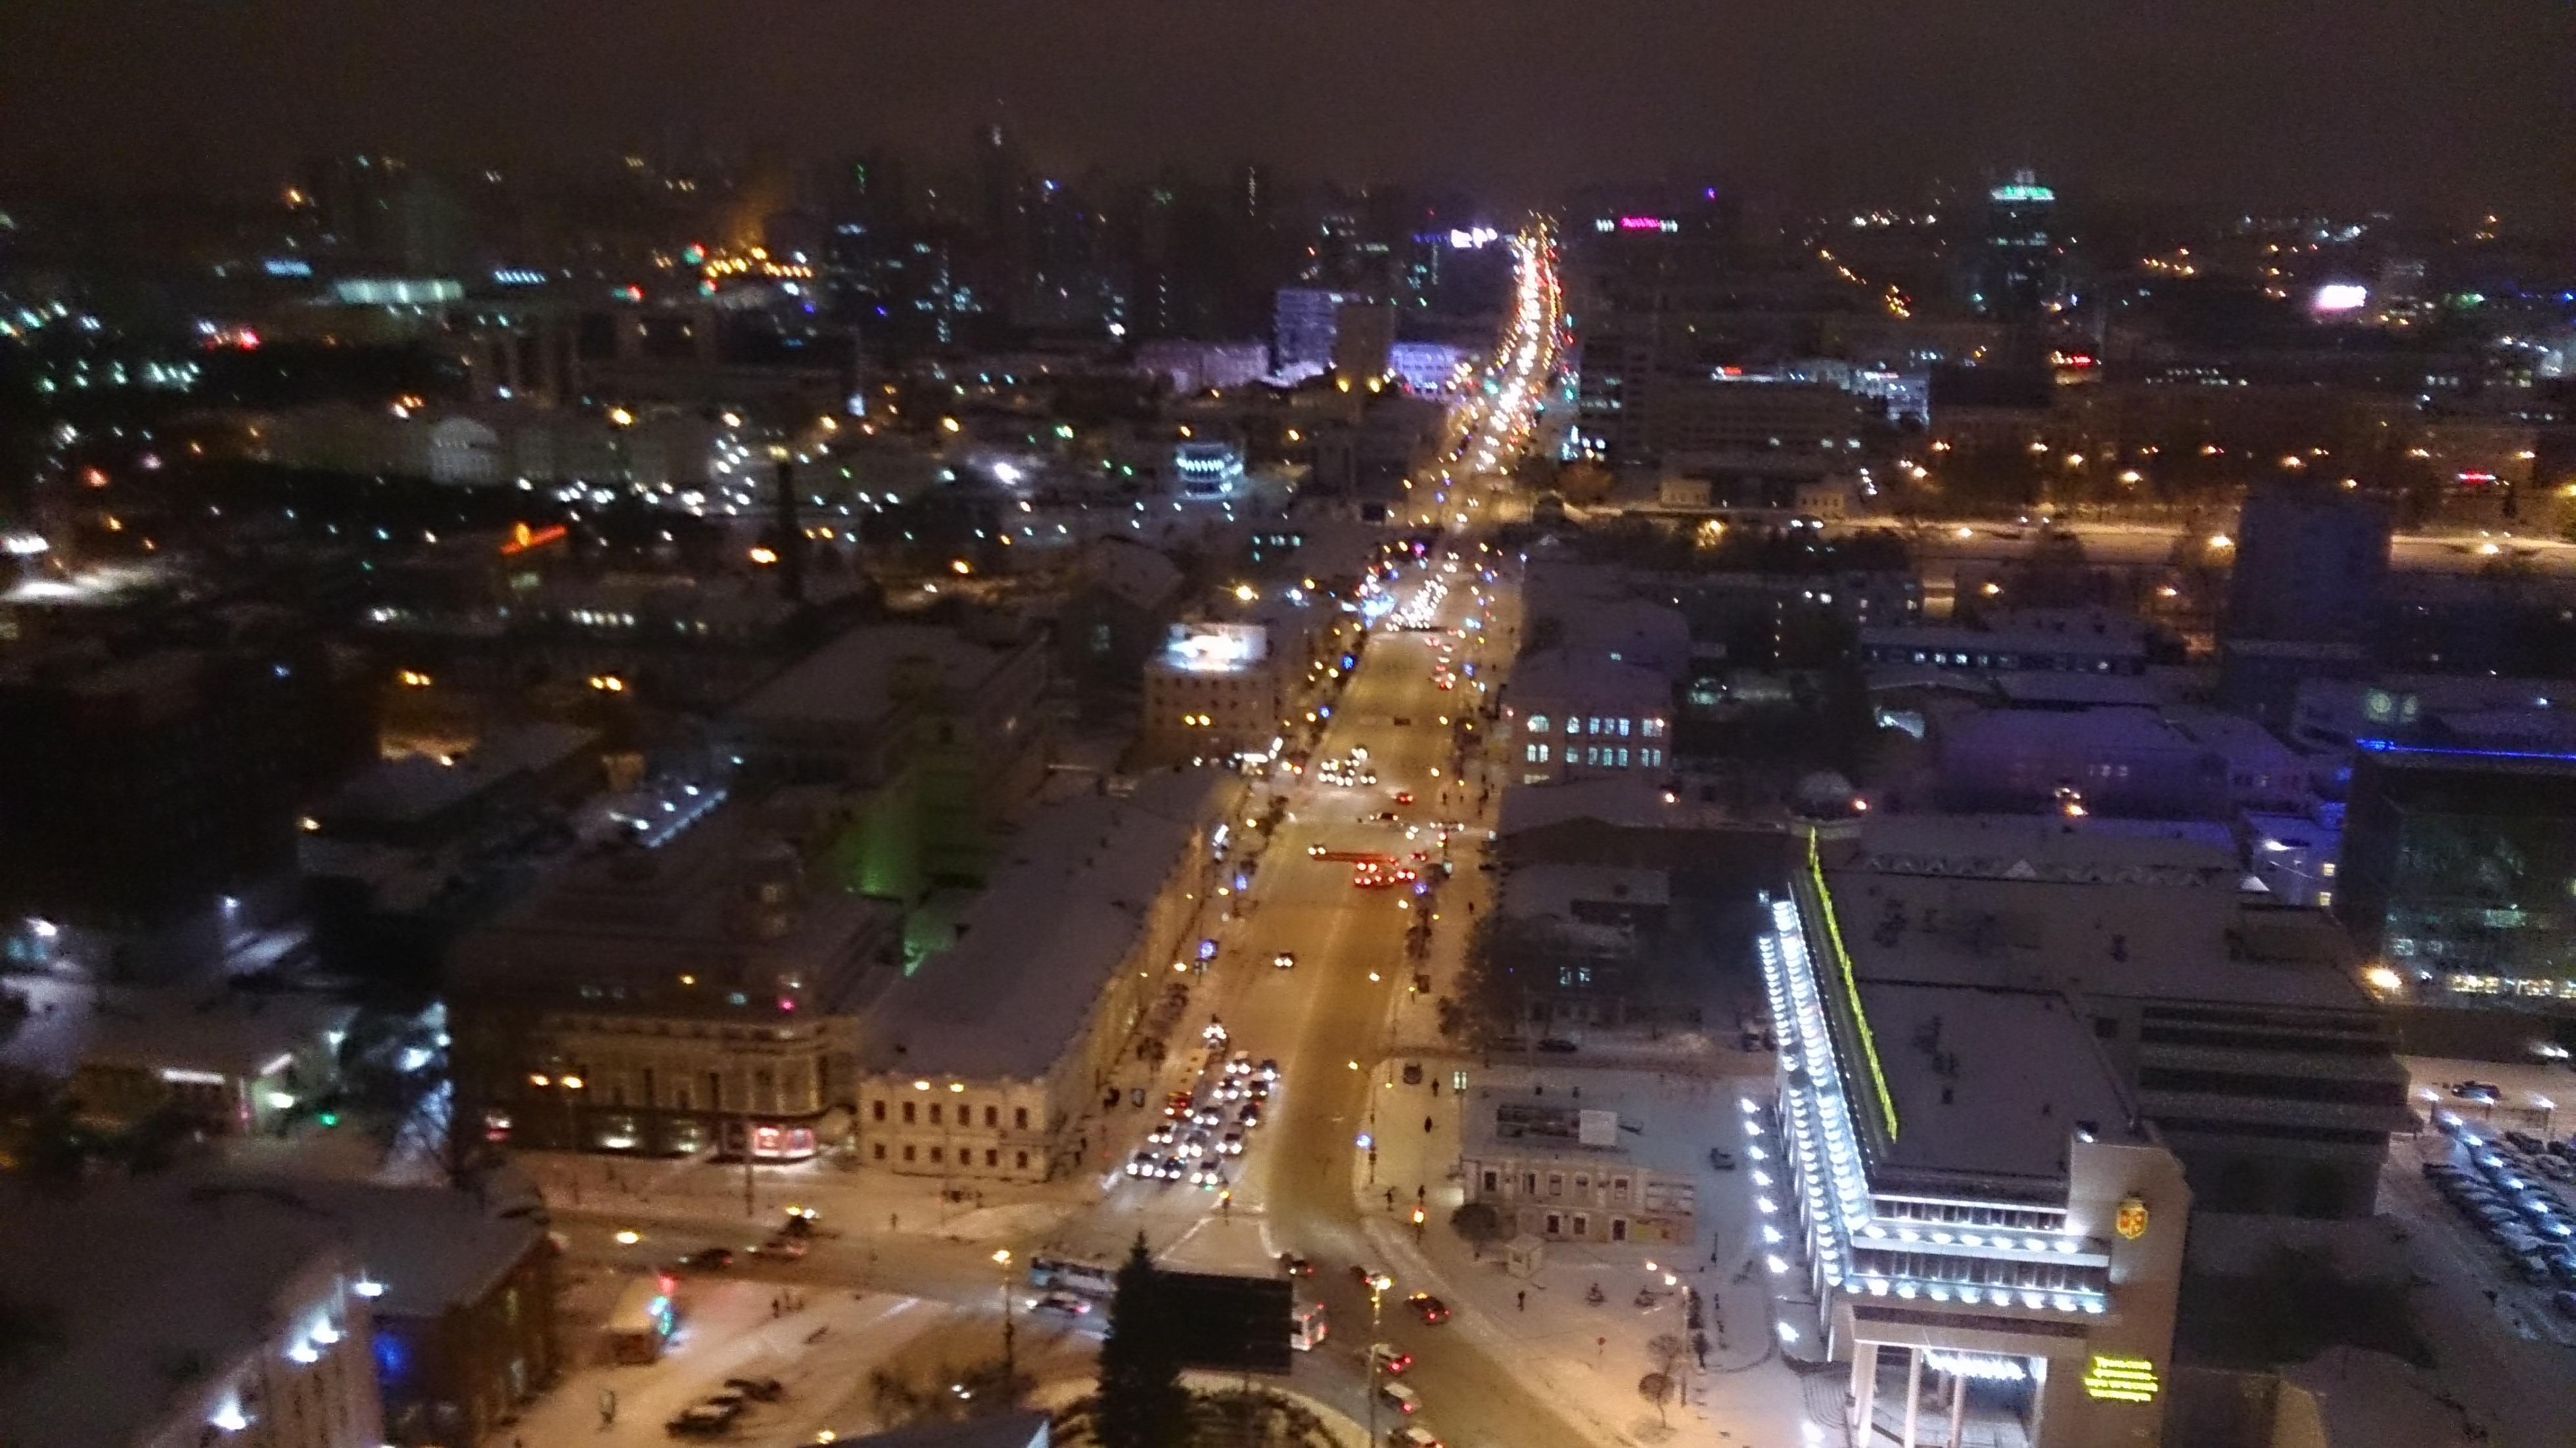 Пробки 8 баллов. Ночной ледяной дождь осел снежной кашей на дорогах Екатеринбурга